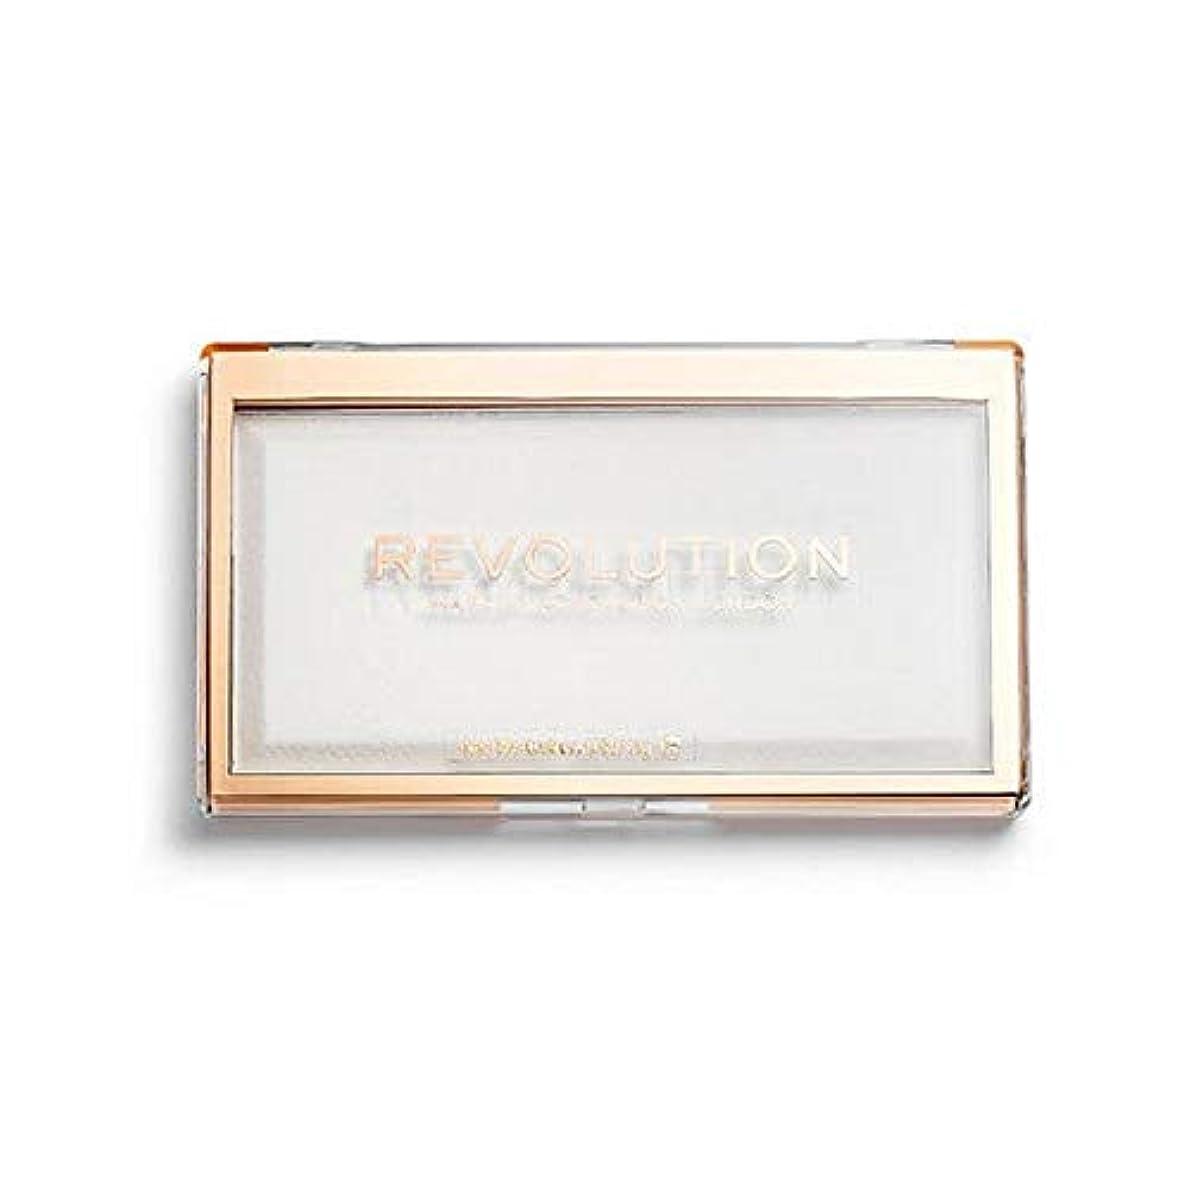 性能帽子味わう[Revolution ] 回転マットベース粉末P0 - Revolution Matte Base Powder P0 [並行輸入品]